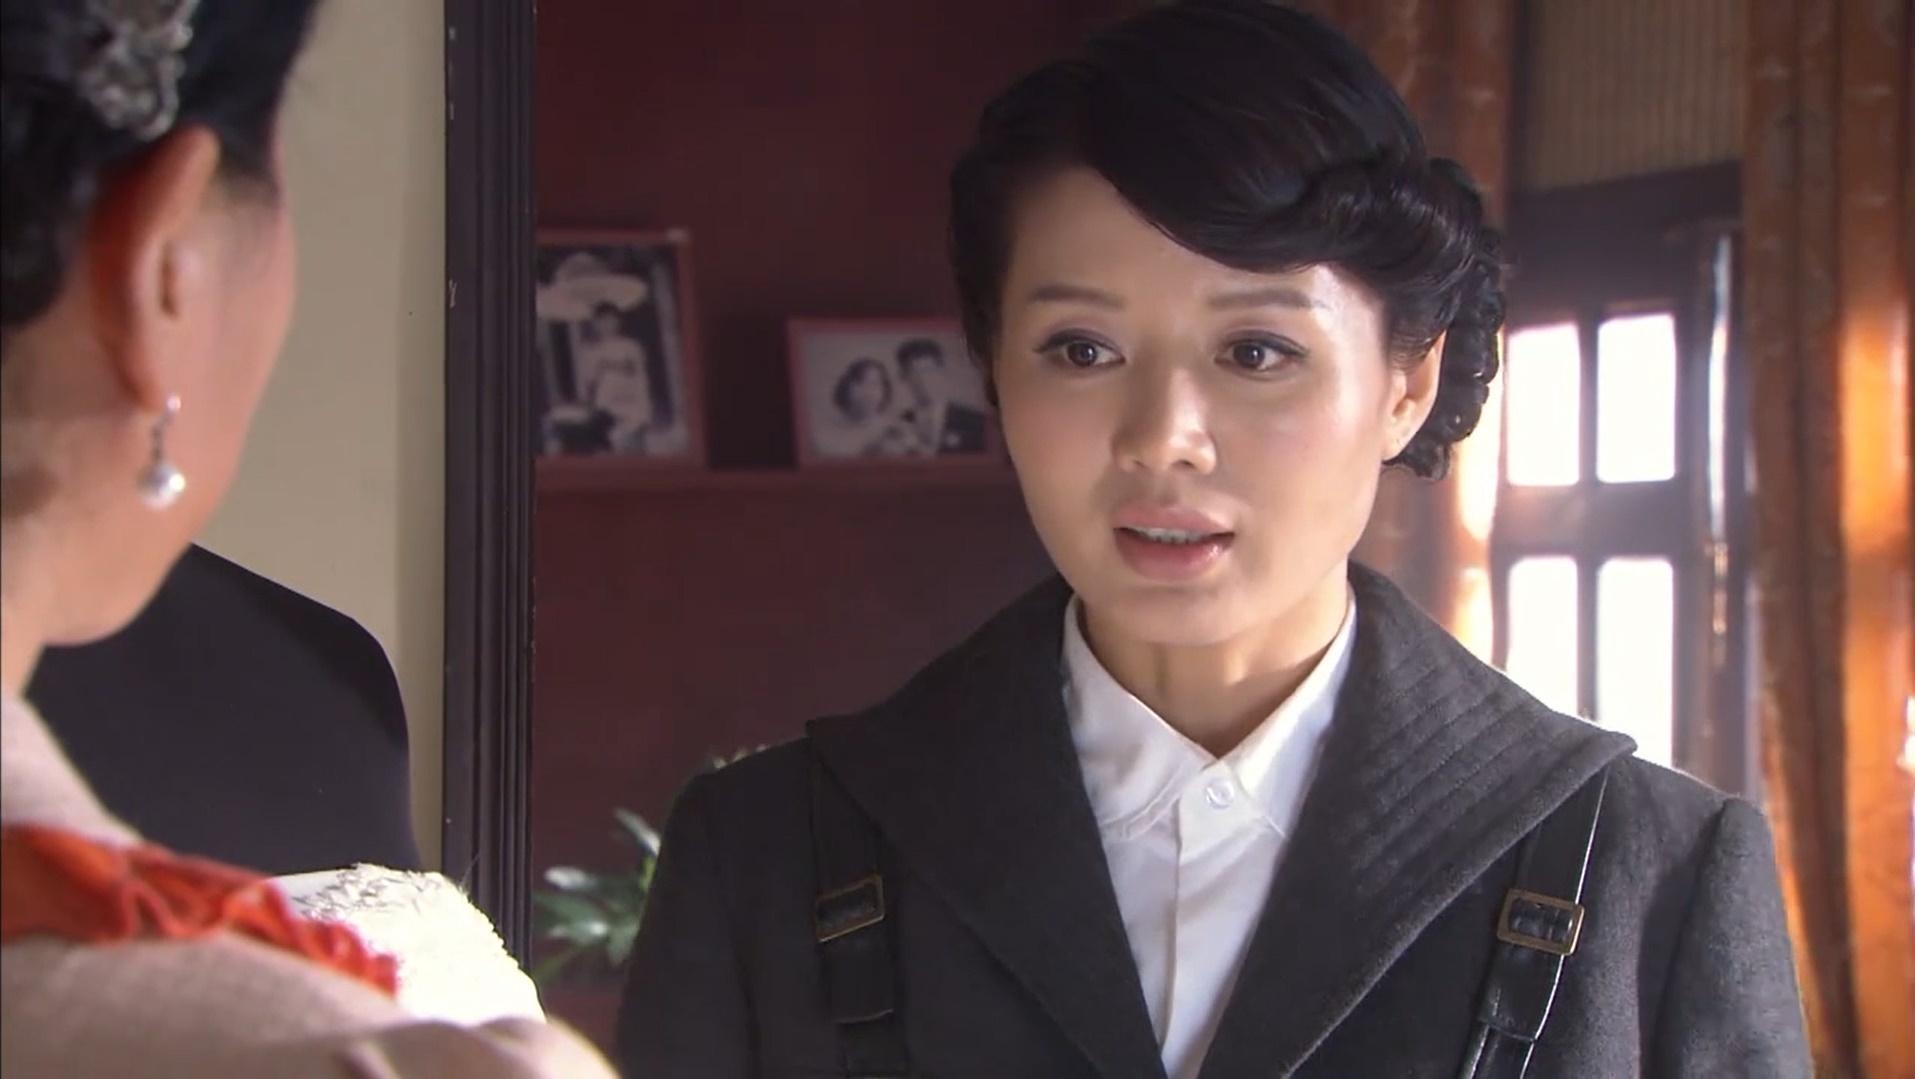 美女特工来到婚纱店,竟然发现有一件自己的婚纱,太奇怪